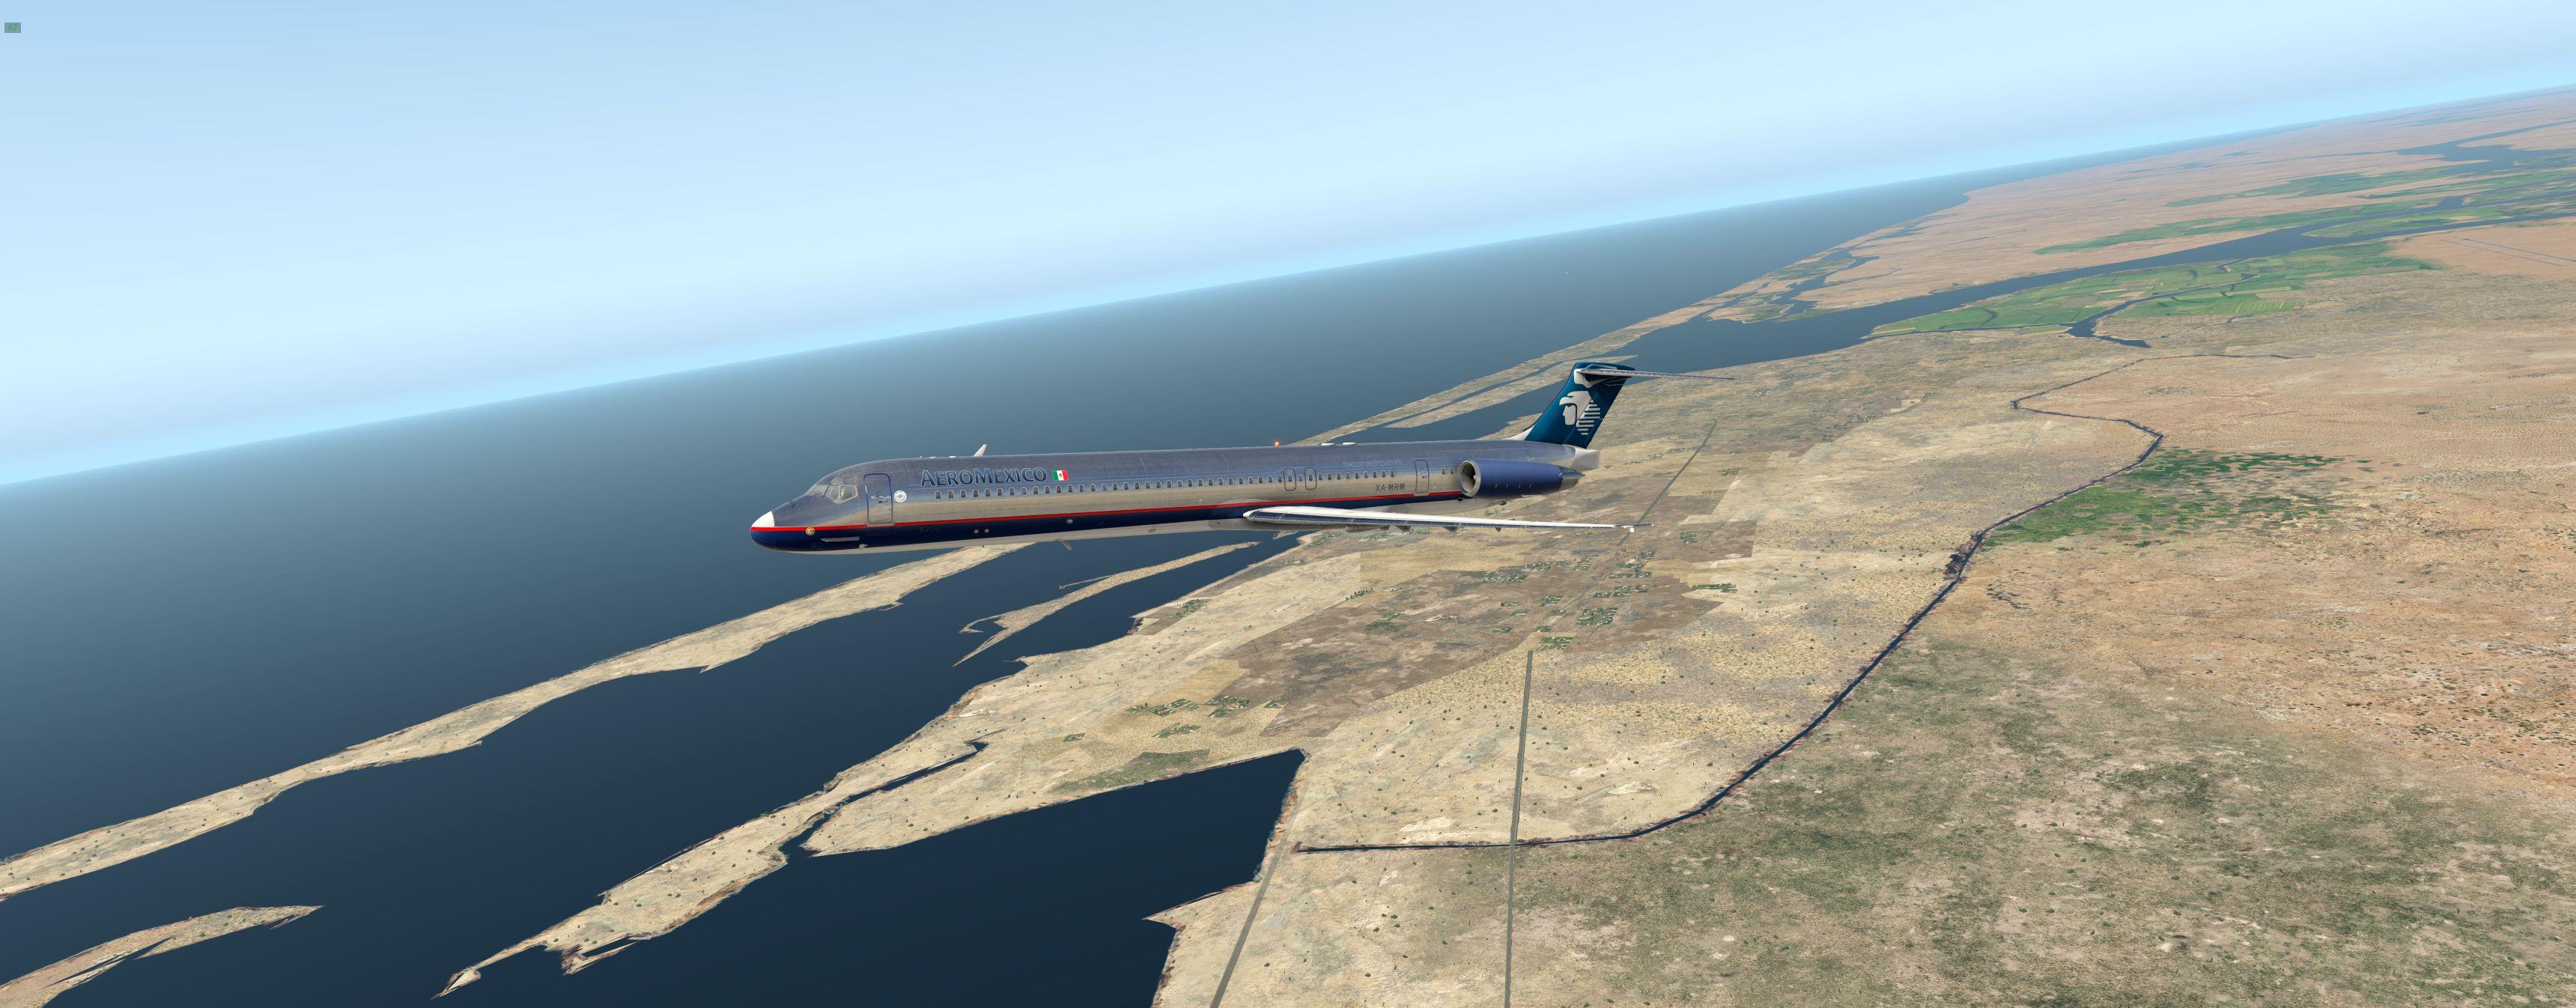 Pilote-Virtuel com - Forum de simulation aérienne / [X-Plane]11 Dans